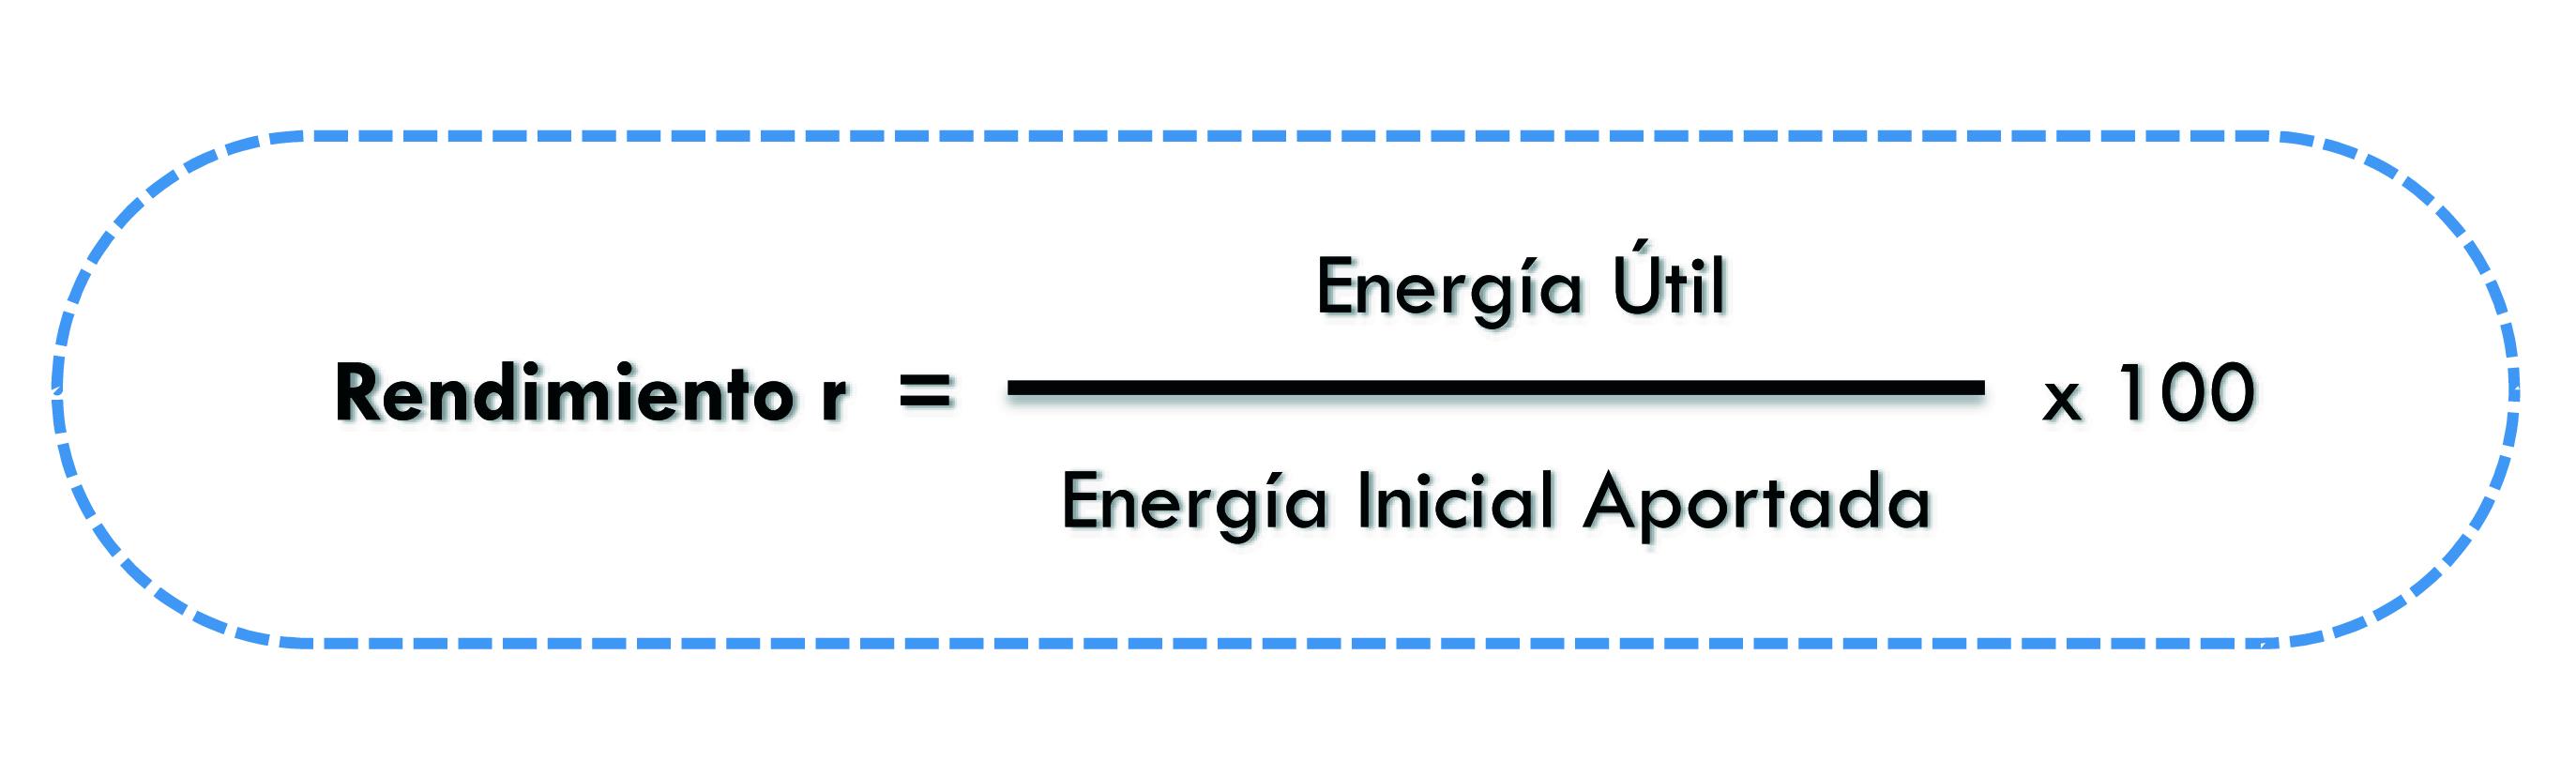 Recuerda conceptos básicos sobre energía, potencia y rendimiento